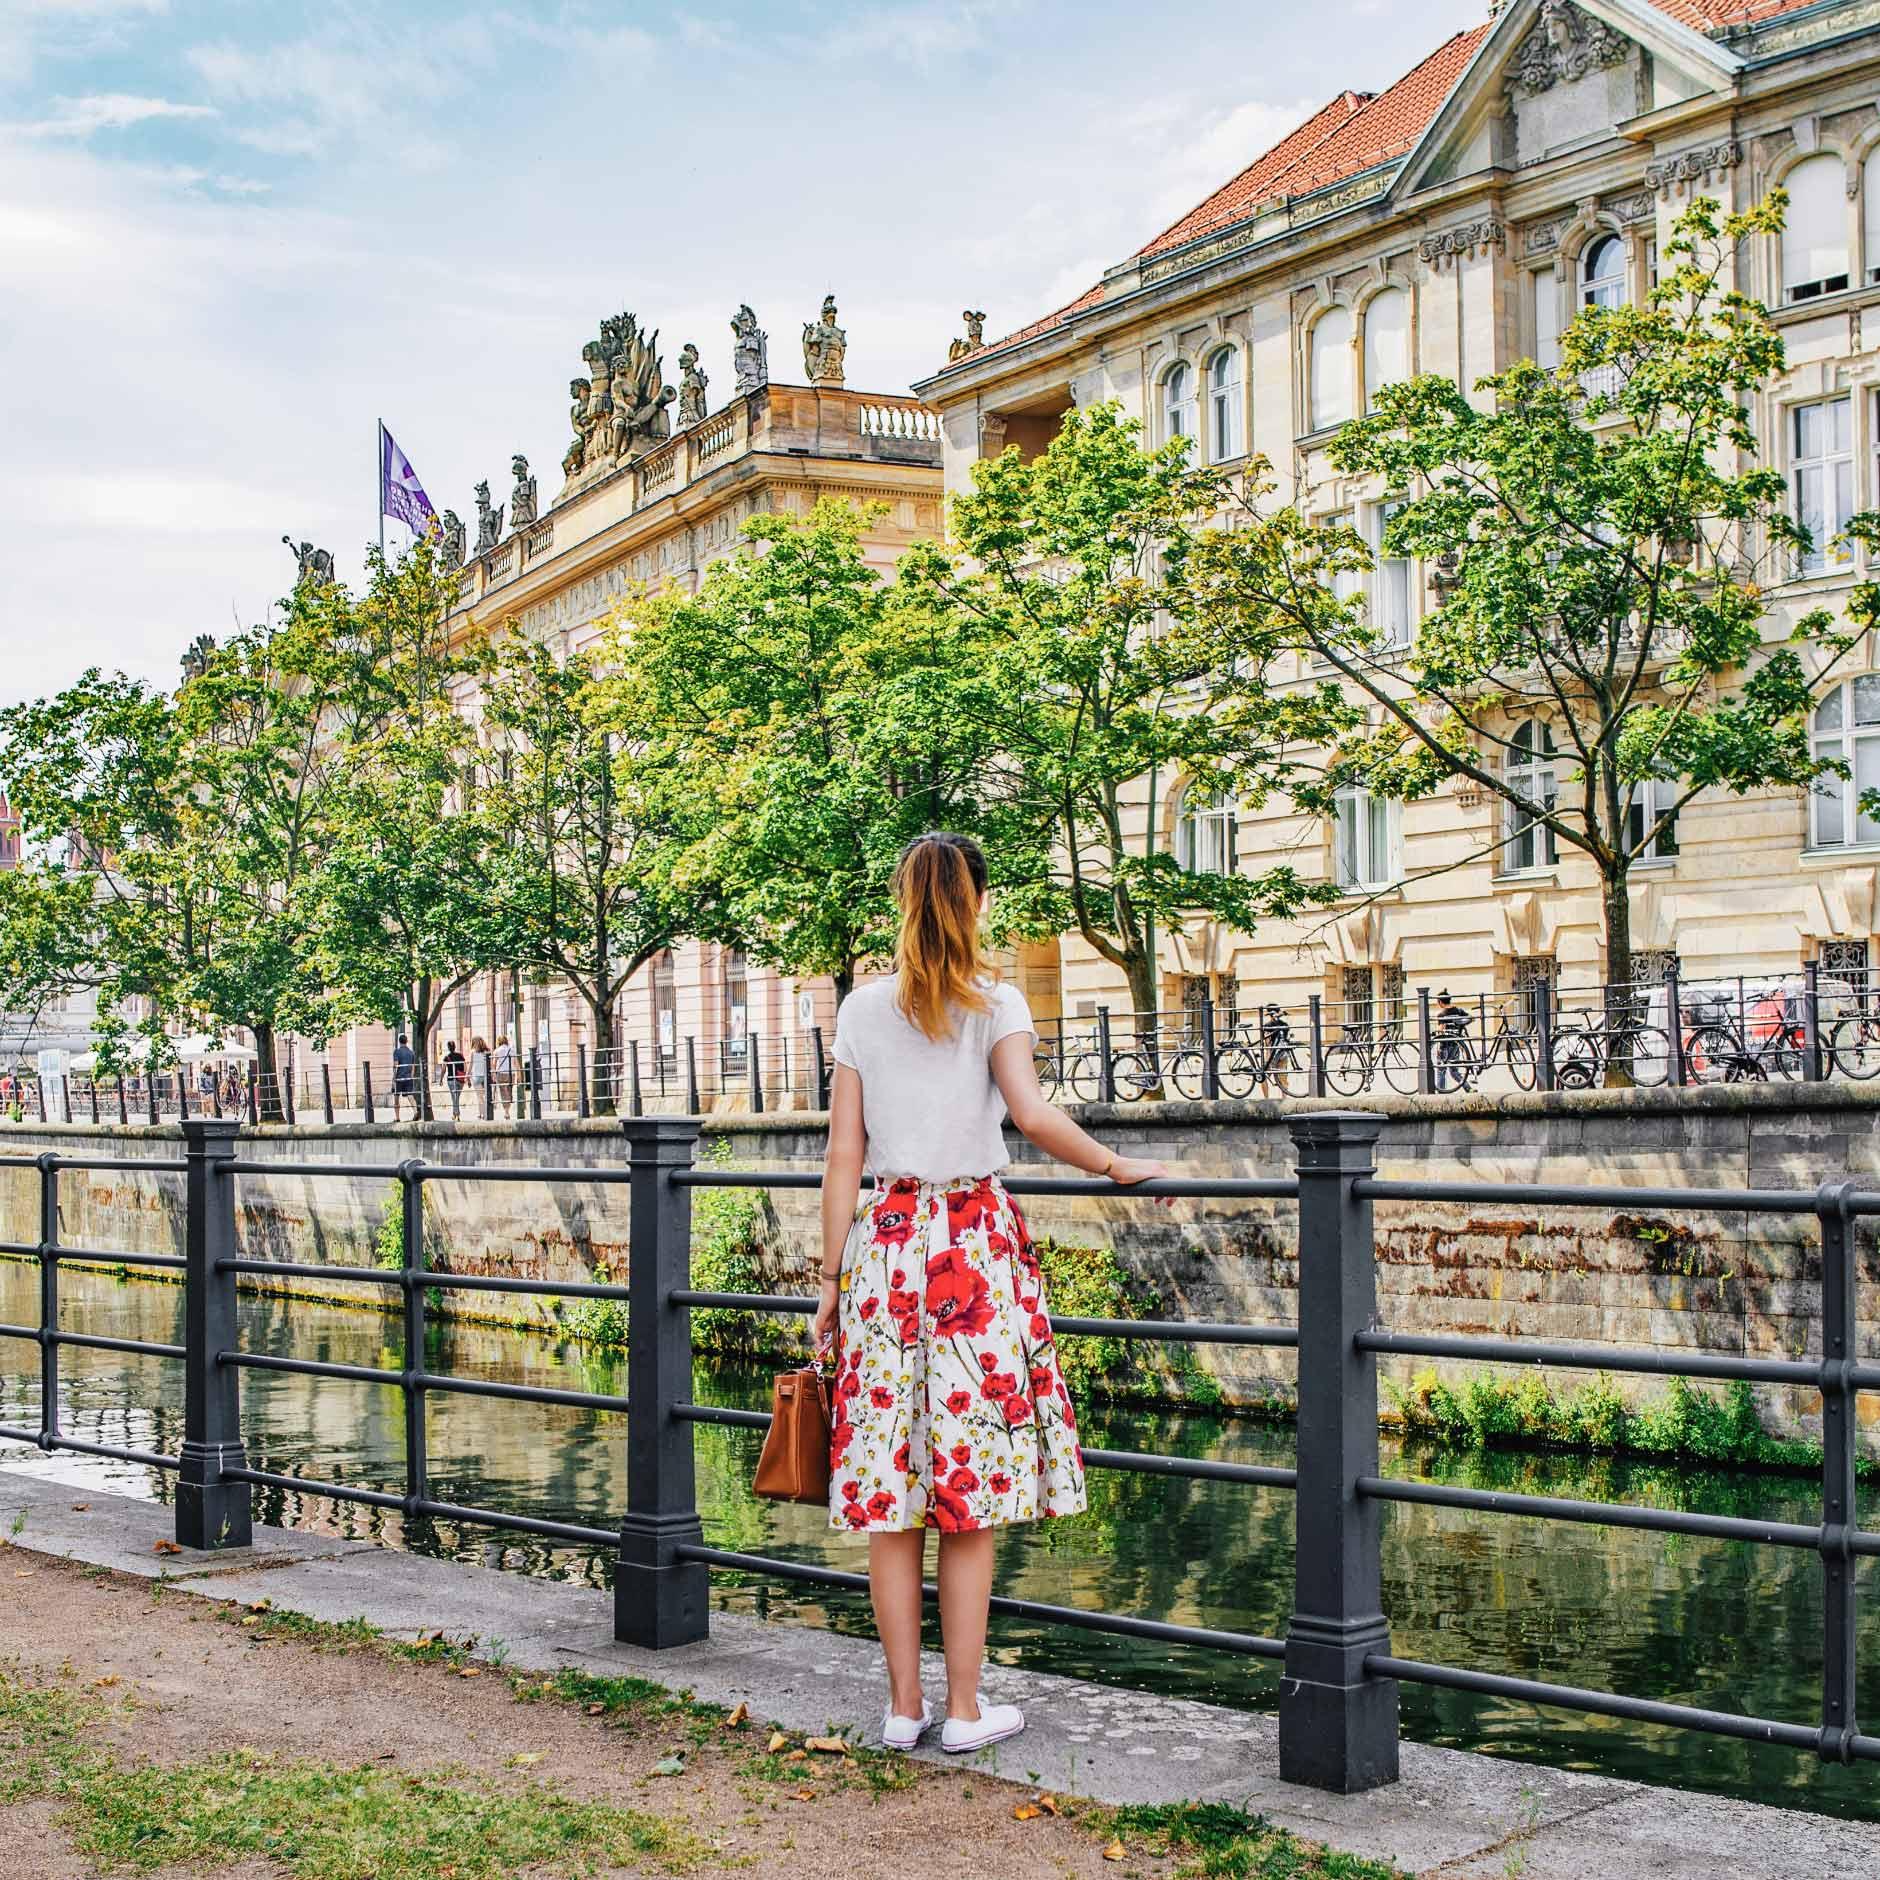 regent-hotel-berlin-018